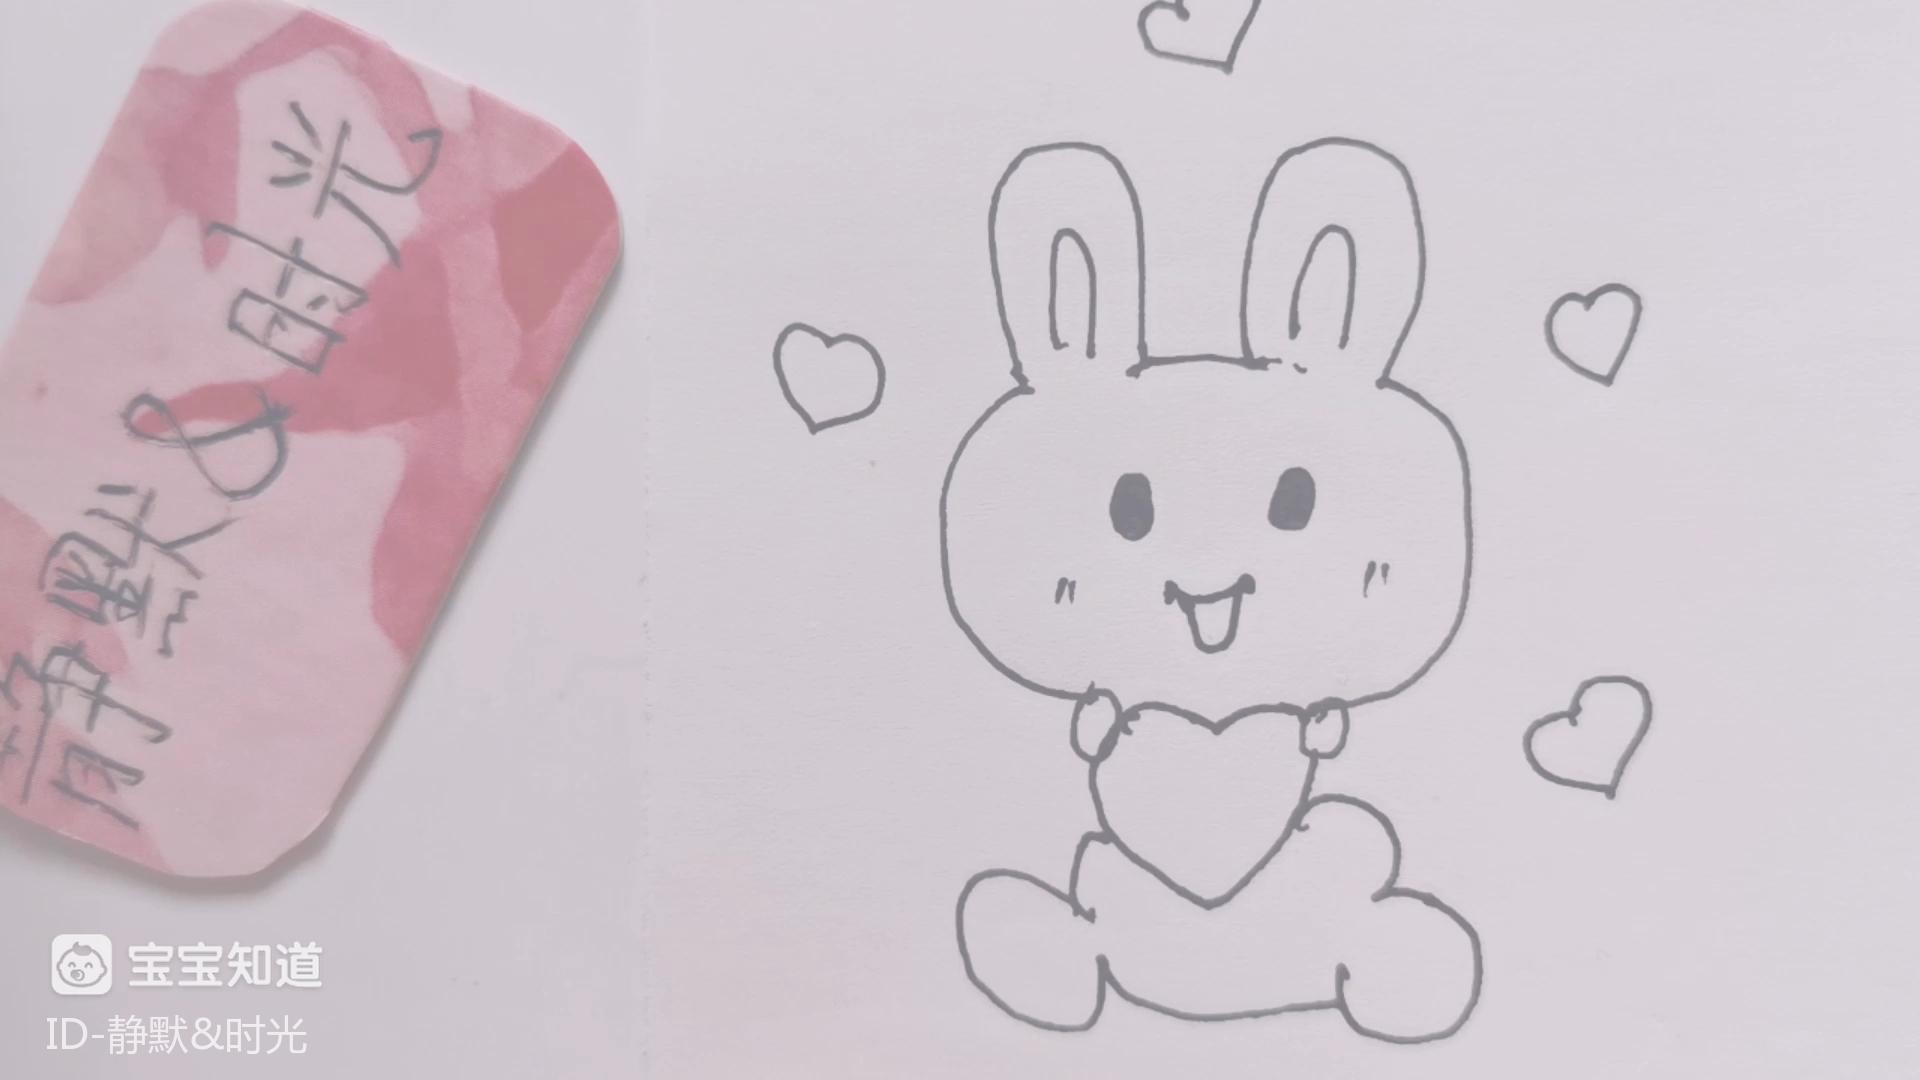 [才艺打卡]简笔画:手捧爱心的小兔子